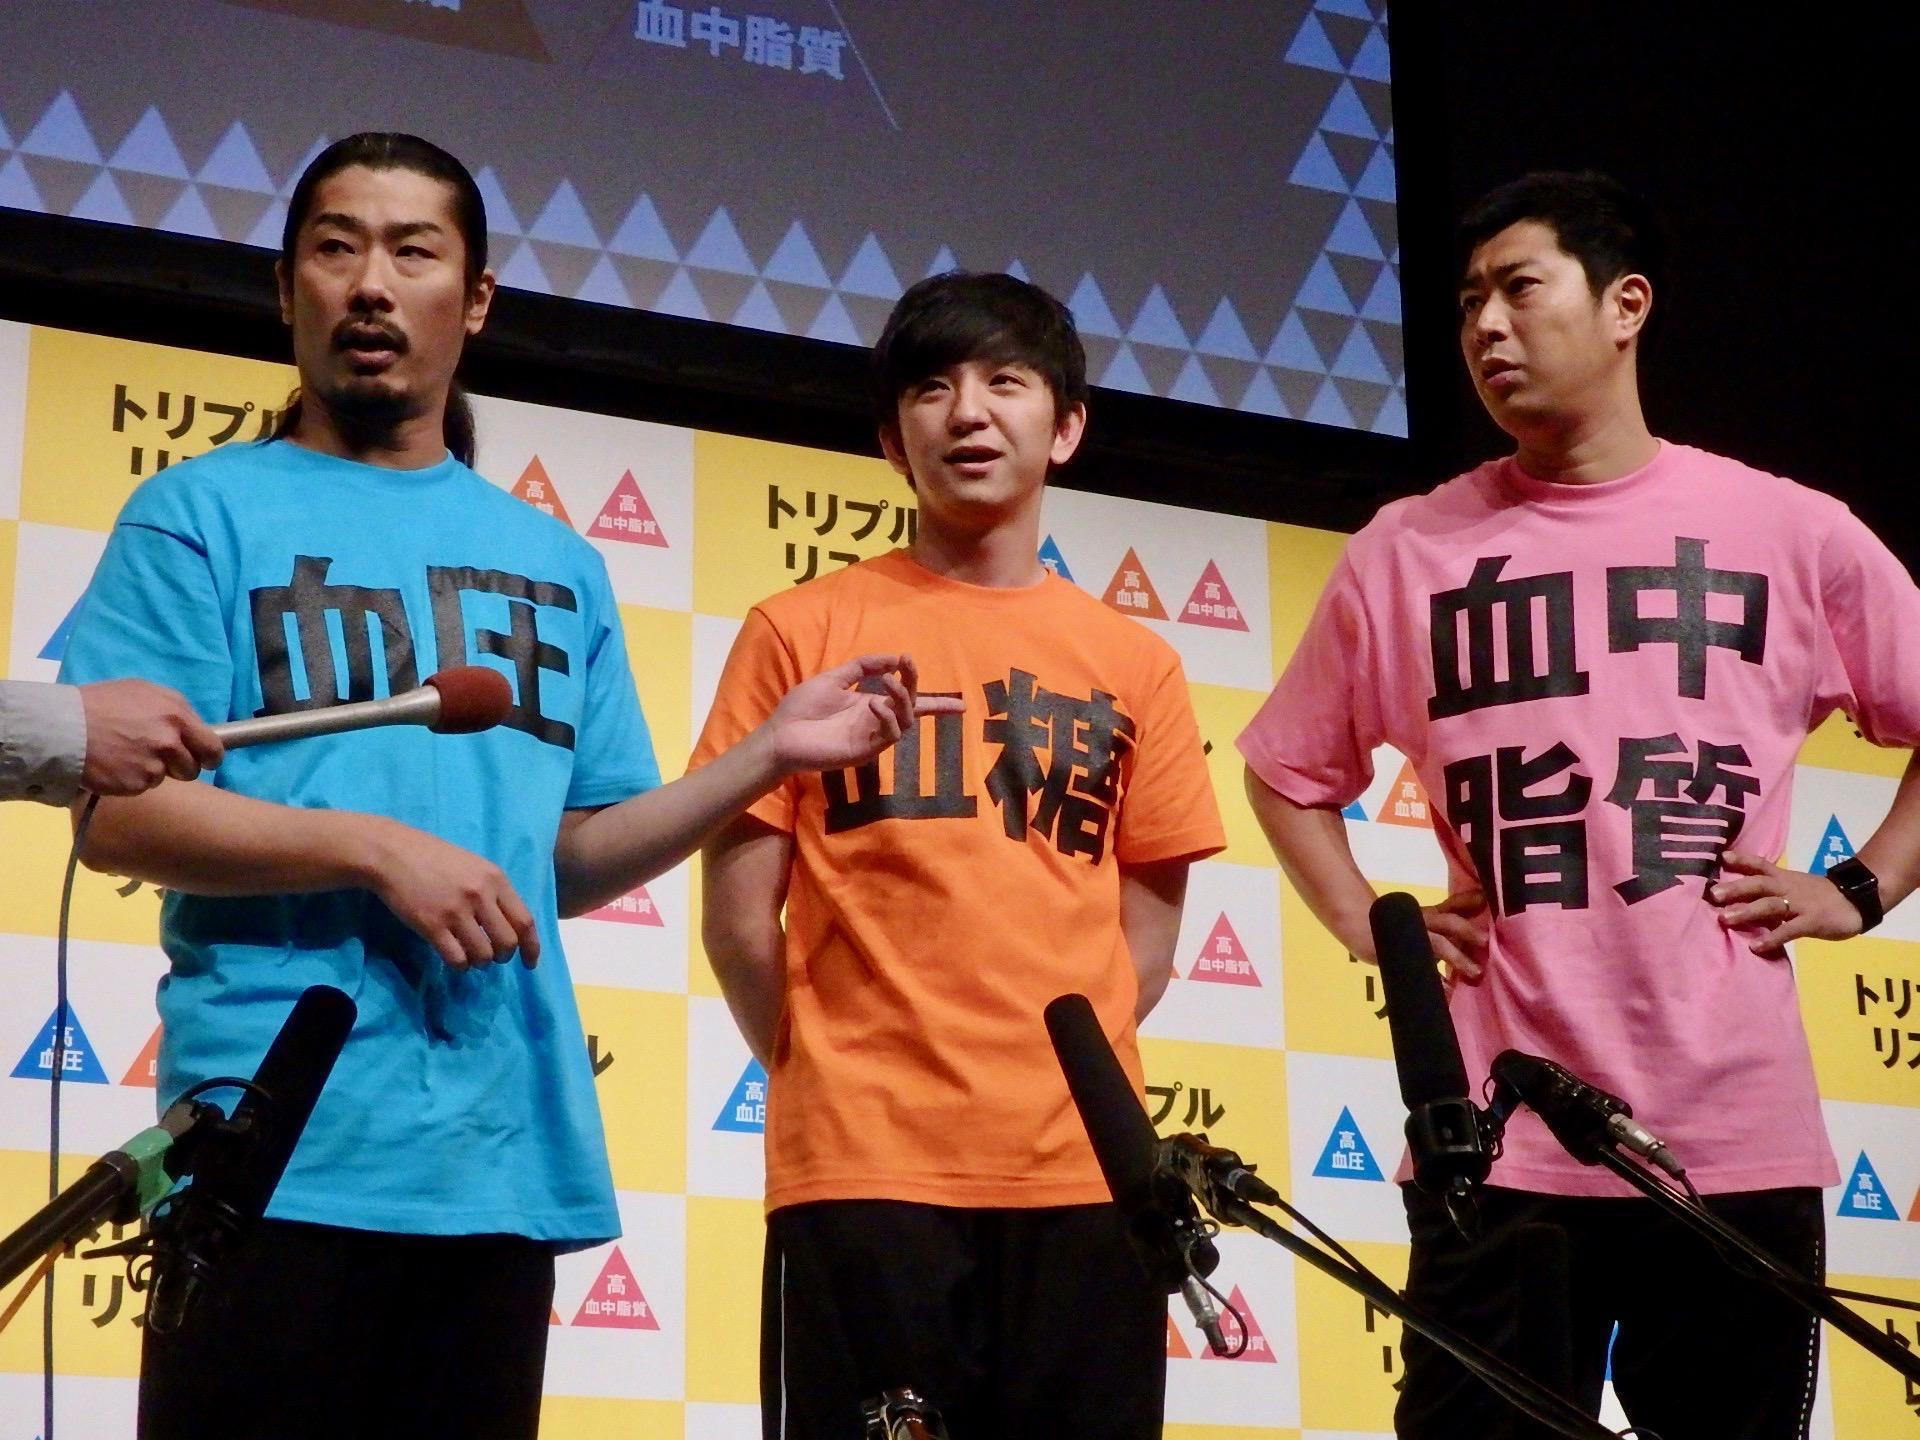 http://news.yoshimoto.co.jp/20180227231433-28d7eef4810ae87e81f774c7de4721184e540f84.jpg